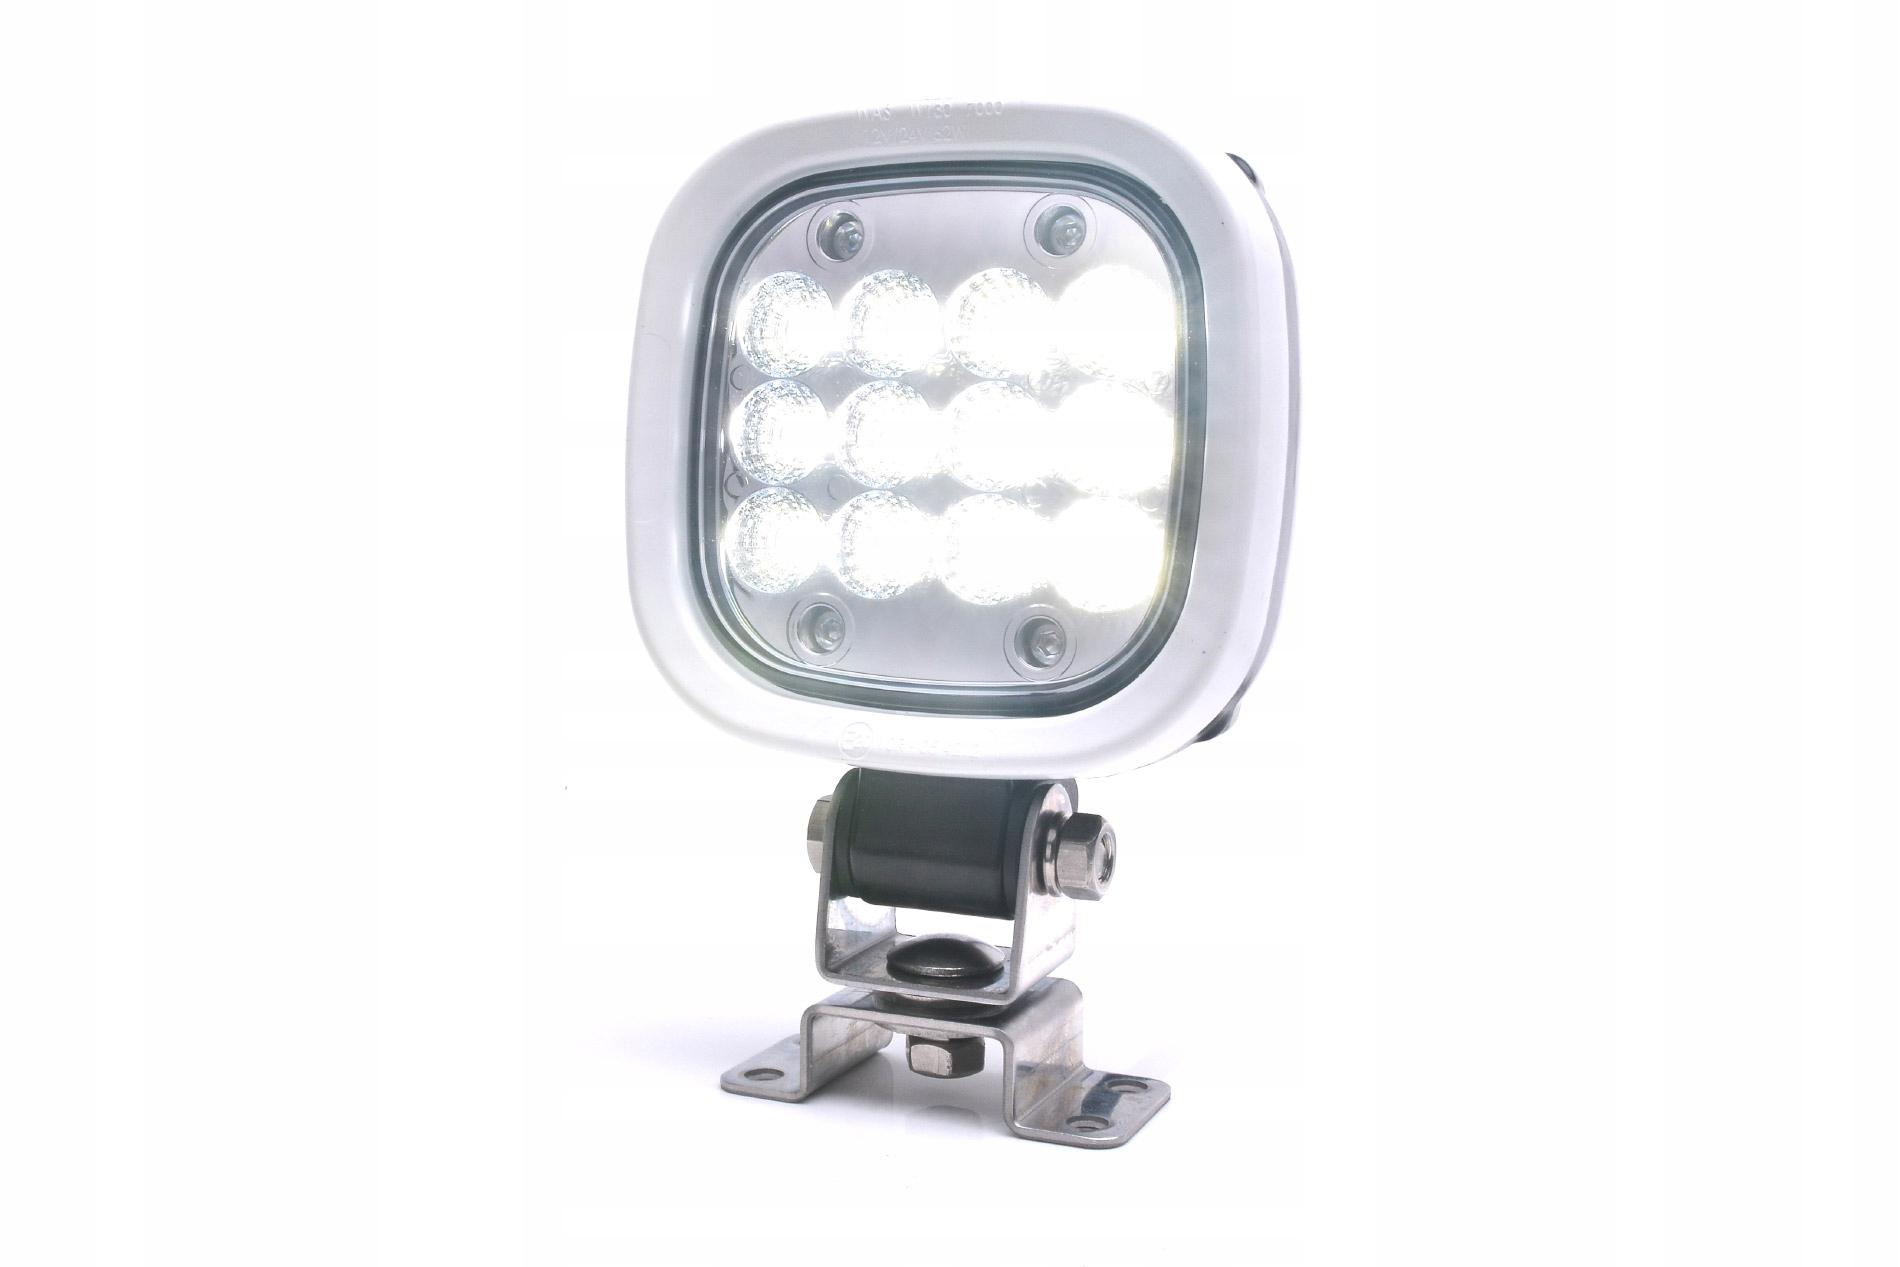 Галогенная светодиодная рабочая лампа 6000 Lm 12 / 70V No. 1163